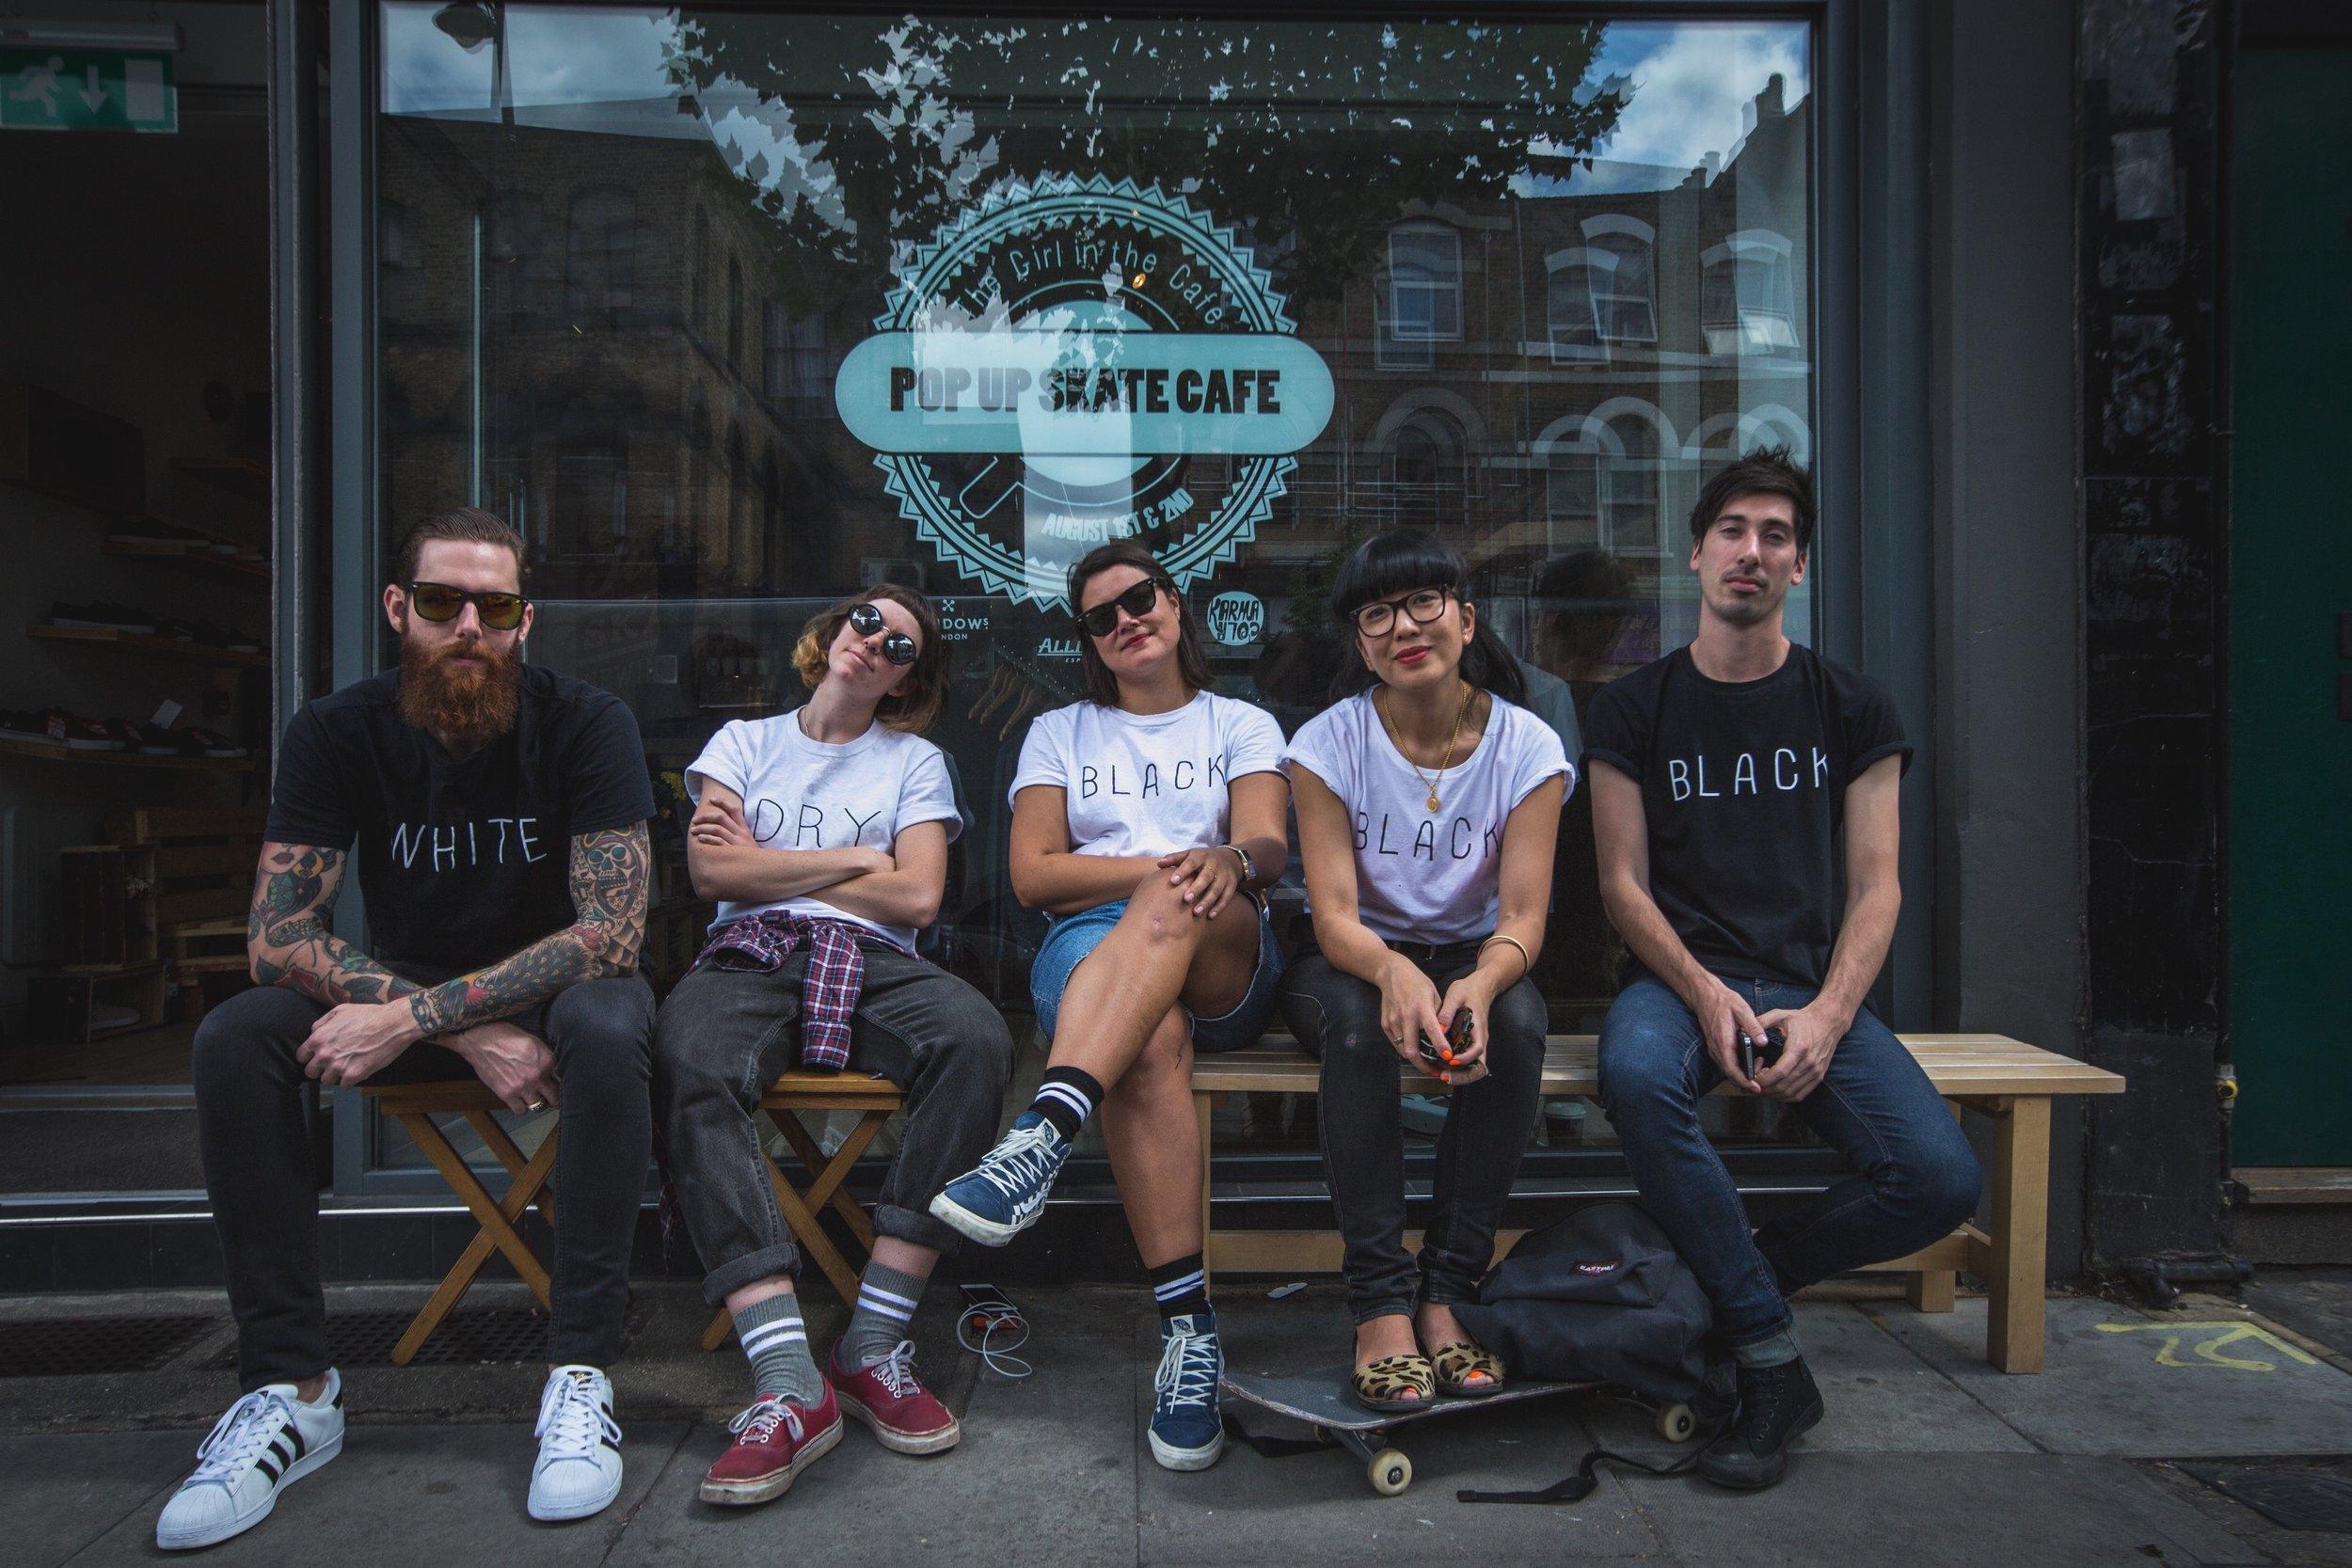 TGITC Pop up SKATE cafe - Video